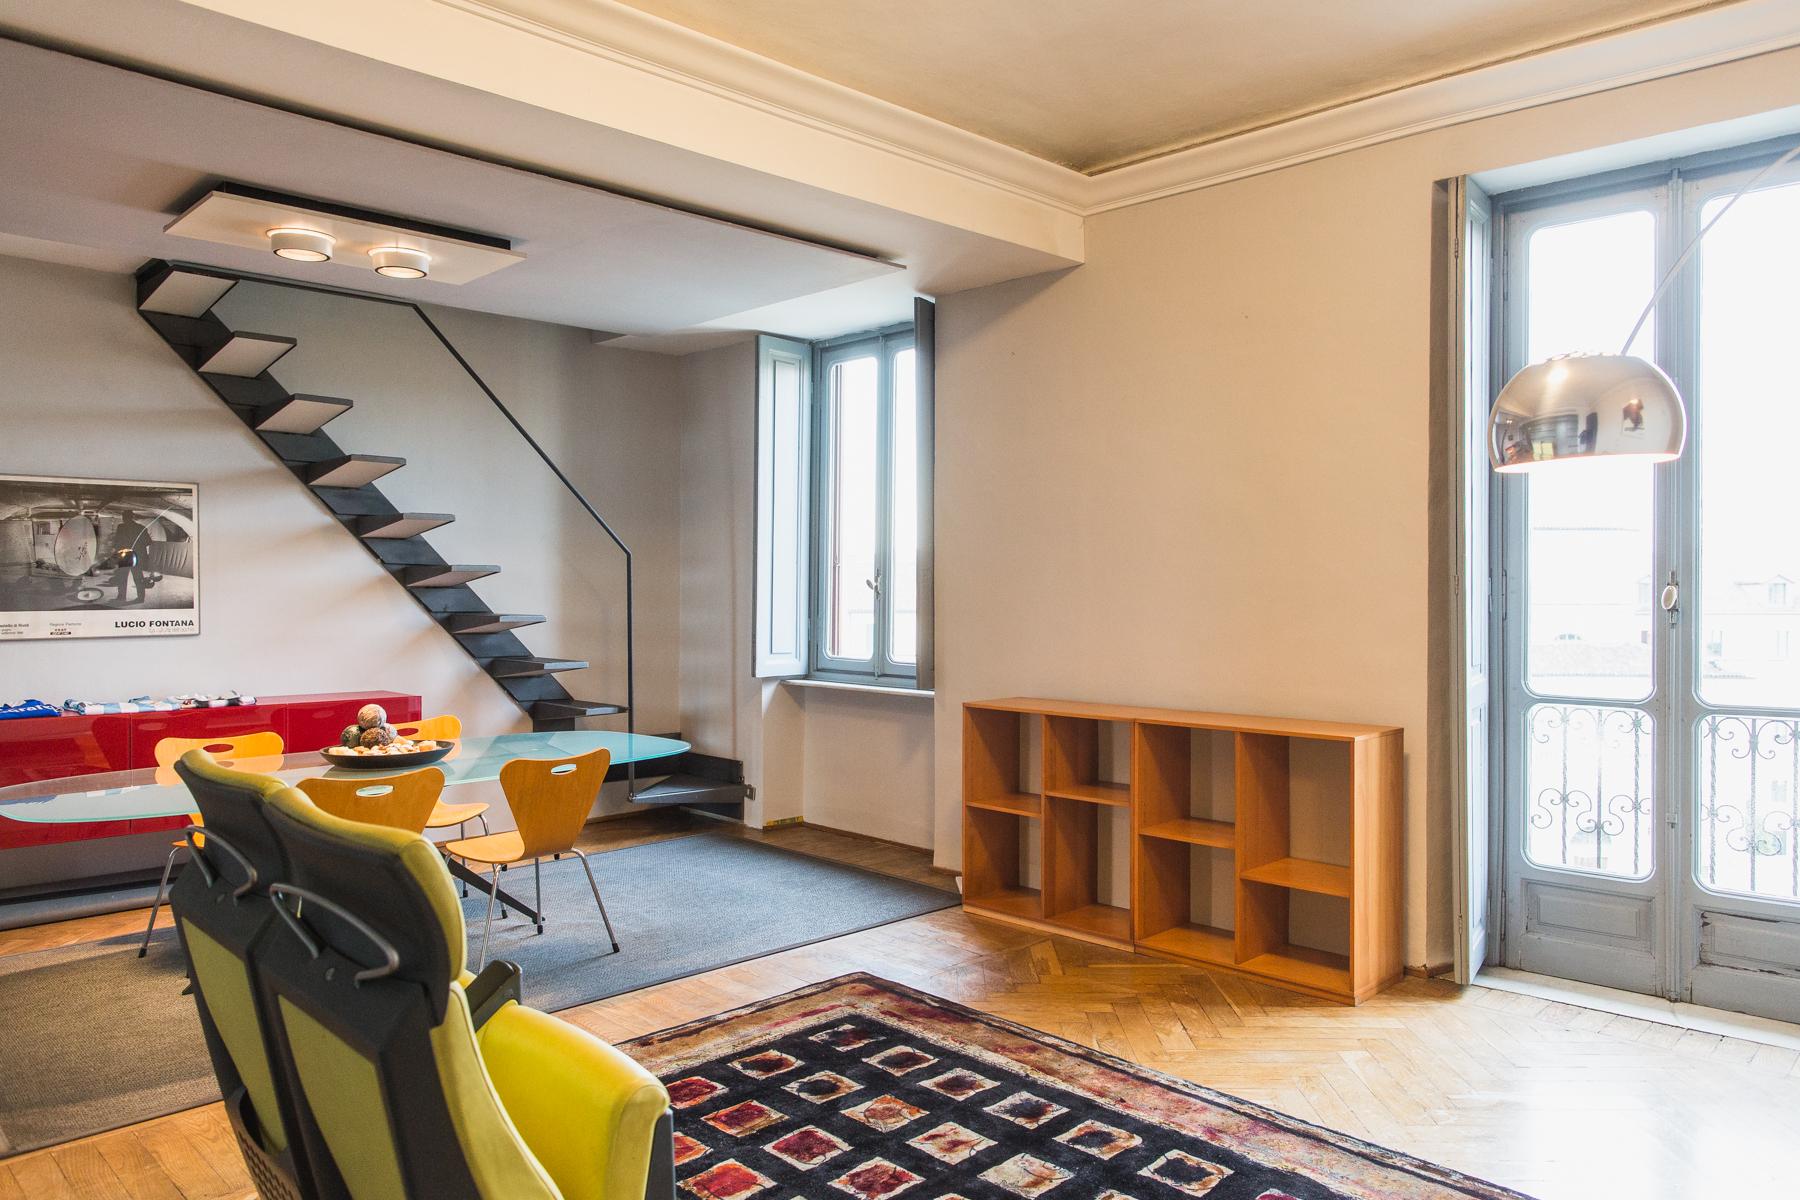 Appartamento in Vendita a Torino: 4 locali, 110 mq - Foto 4